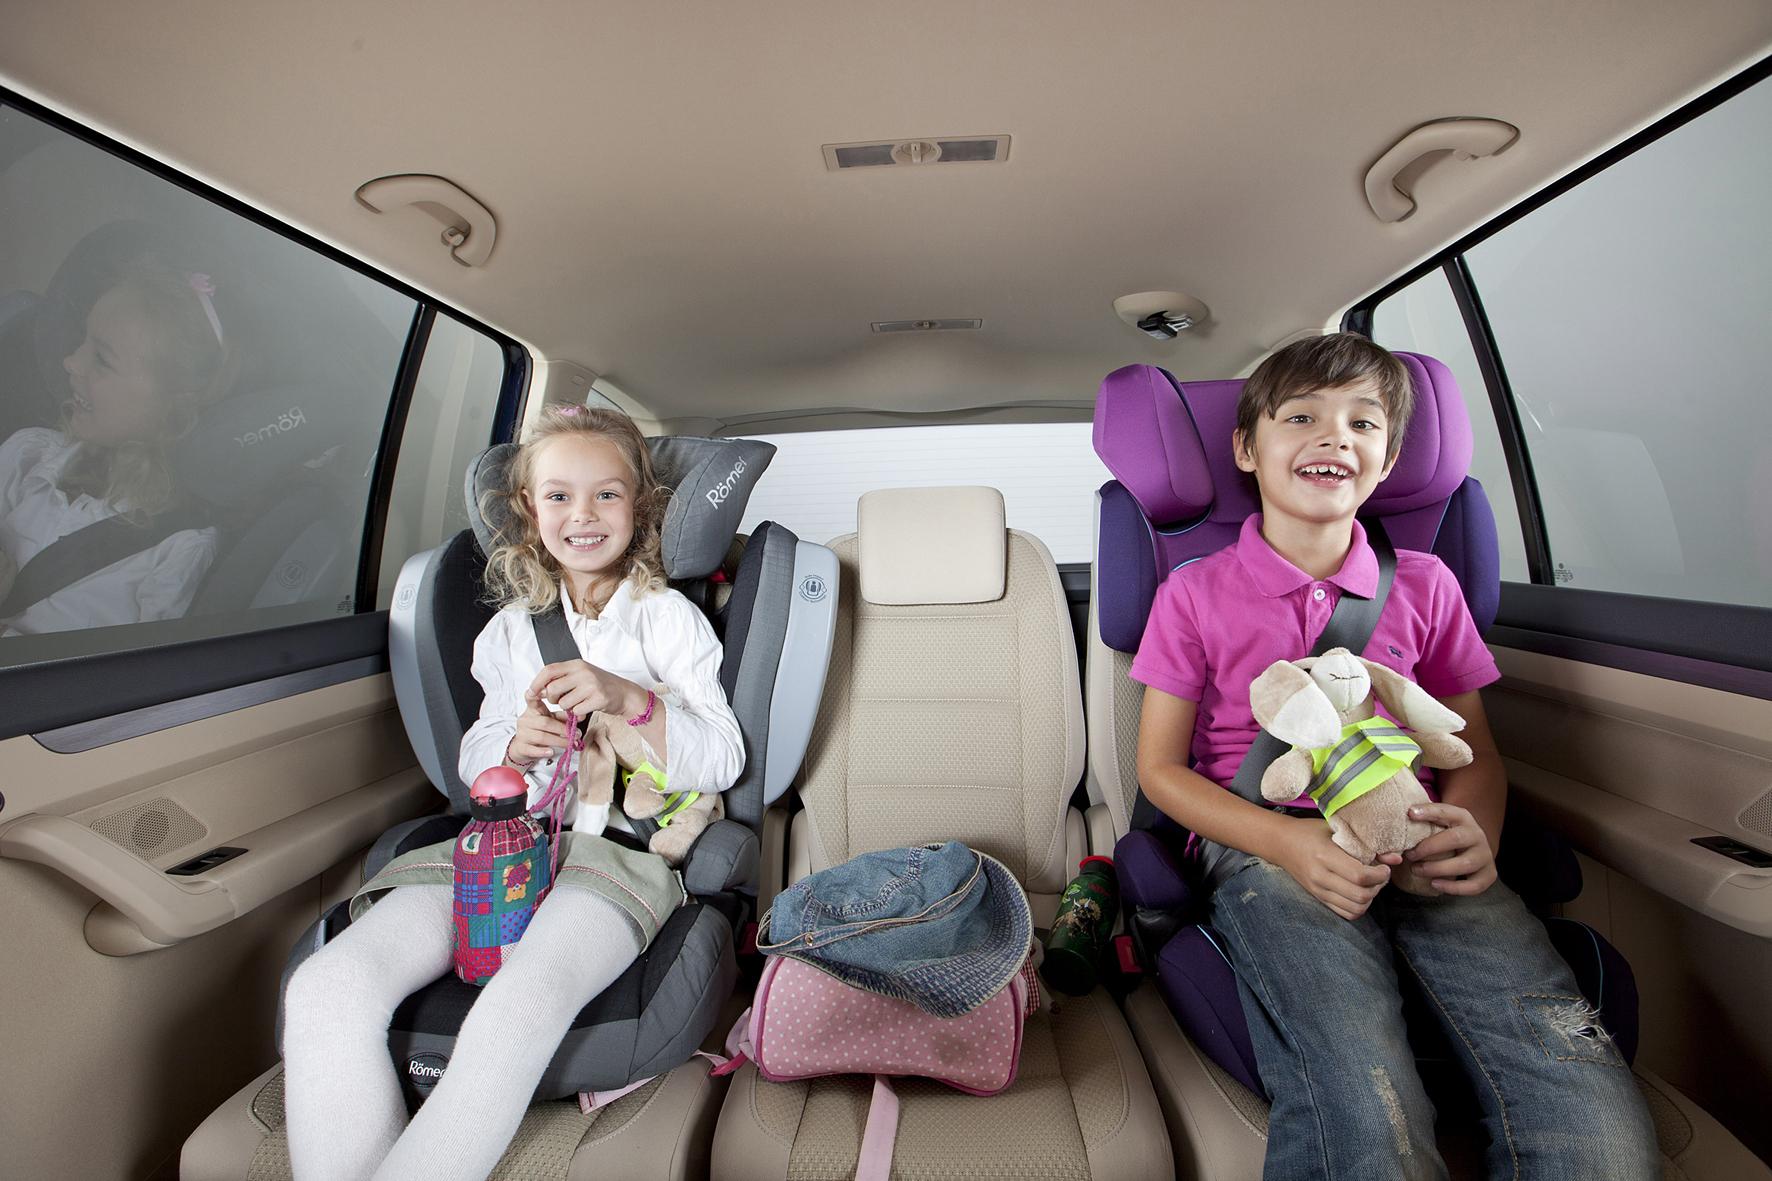 Eltern nehmen die Kleinen zu früh aus dem Kindersitz